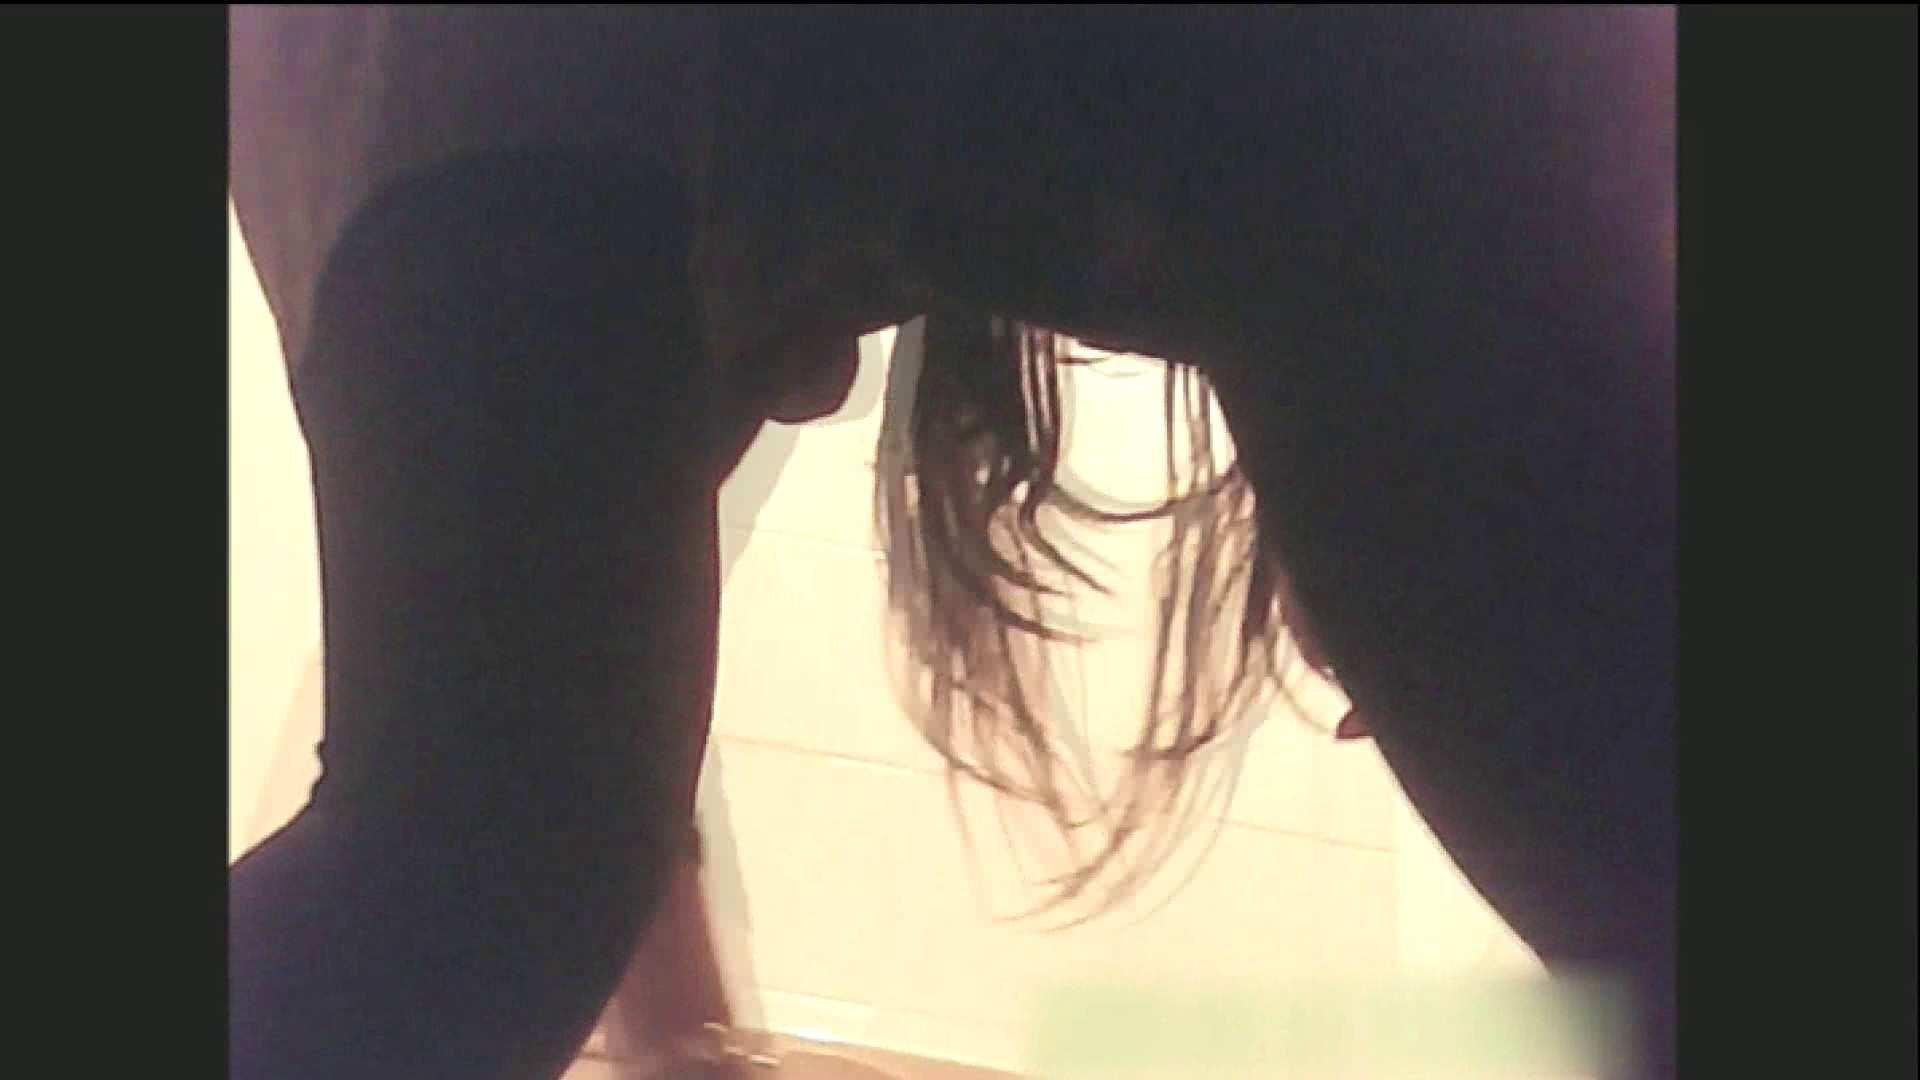 実録!!綺麗なお姉さんのトイレ事情・・・。vol.10 美しいOLの裸体 すけべAV動画紹介 76pic 2